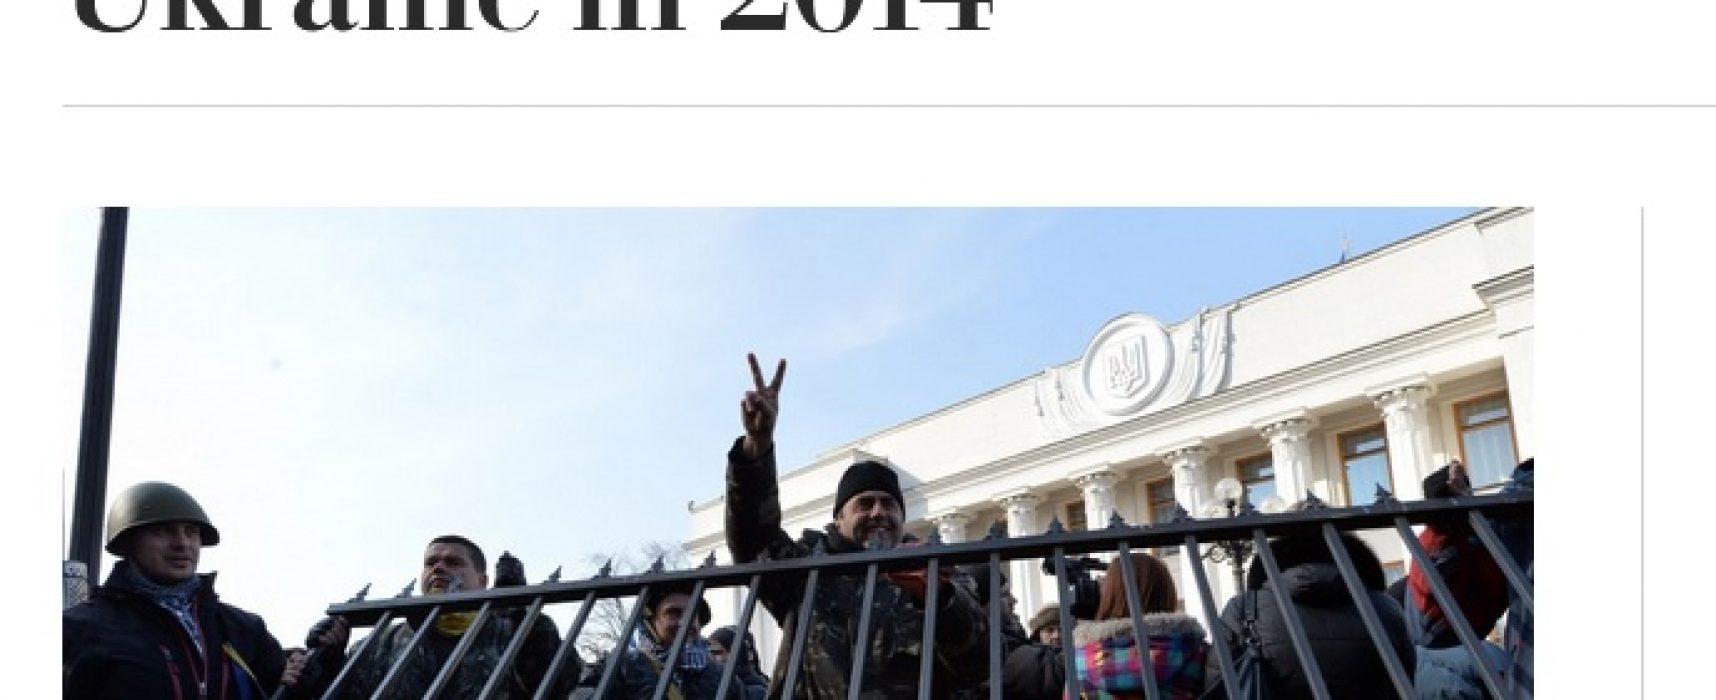 Разведка РФ в феврале 2014-го организовала в соцсетях дискредитацию событий на Майдане — The Washington Post